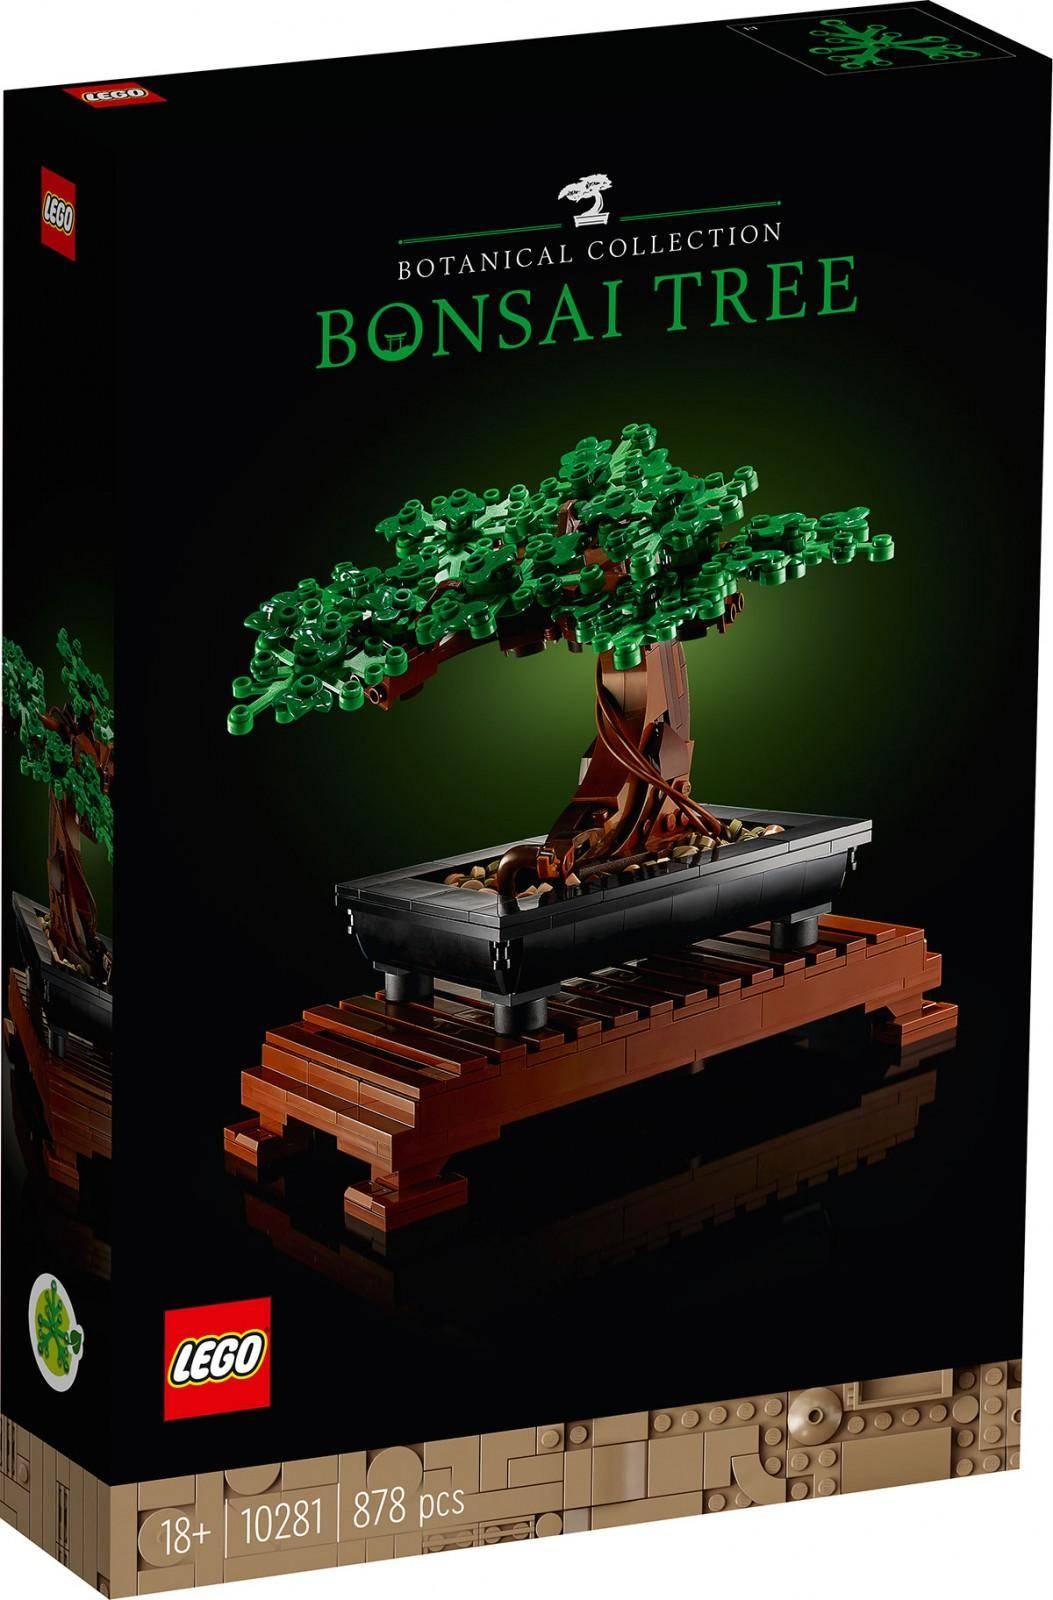 LEGO Botanical